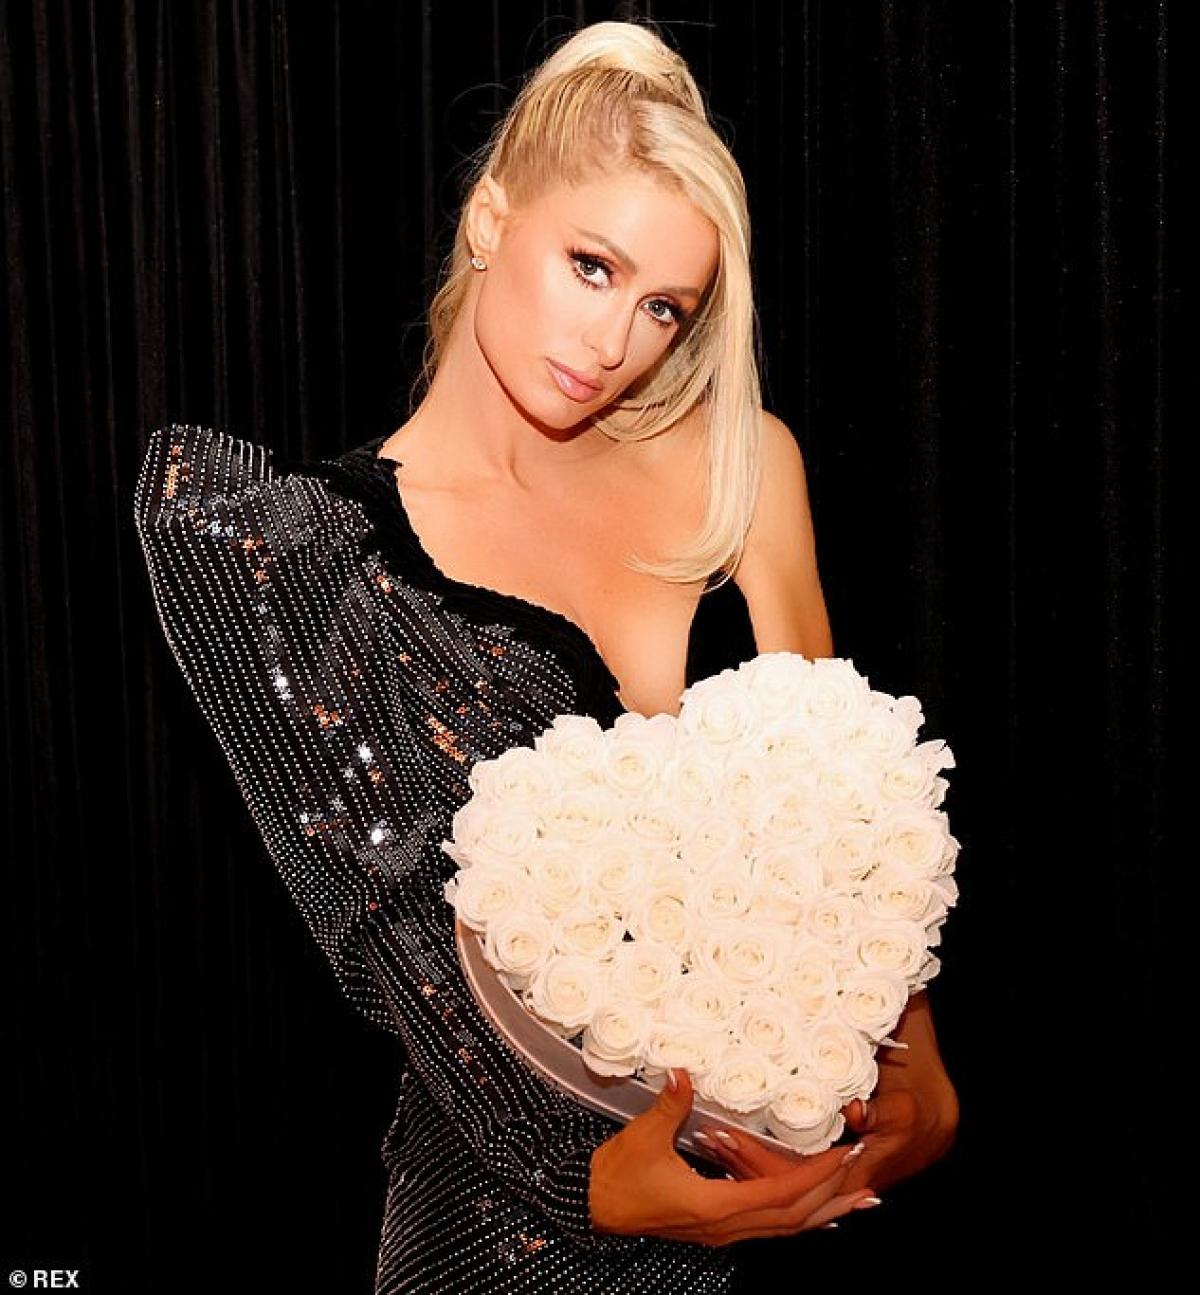 """Cách đây không lâu, Paris Hilton đã gửi gắm tình cảm của mình dành cho người bạn trai Carter Reum thông qua bài hát mới nhất mang tên """"I Blame You"""". Đây là một ca khúc mang âm hưởng nhạc dance vô cùng cuốn hút với giai điệu bắt tai cùng lời ca ý nghĩa."""